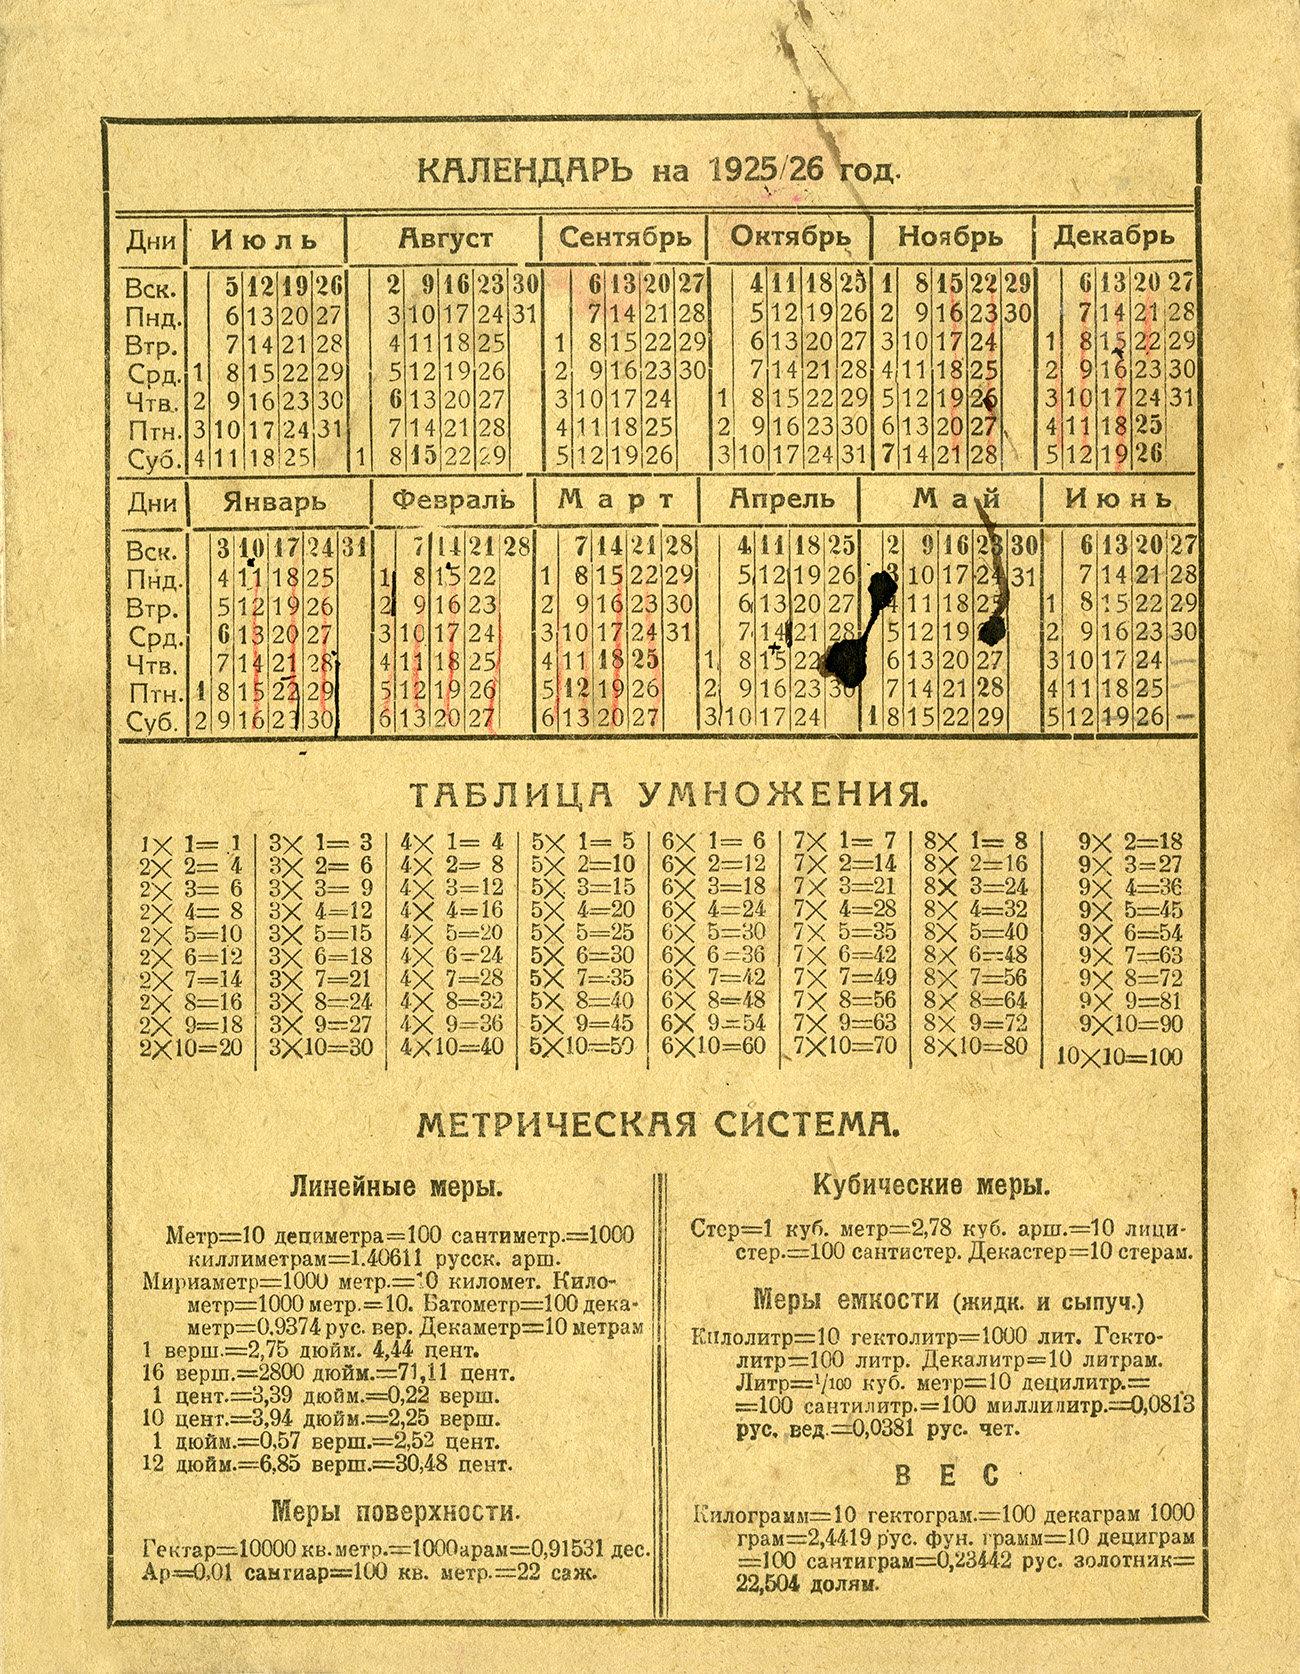 Тетрадь Маркс, 1925, оборот